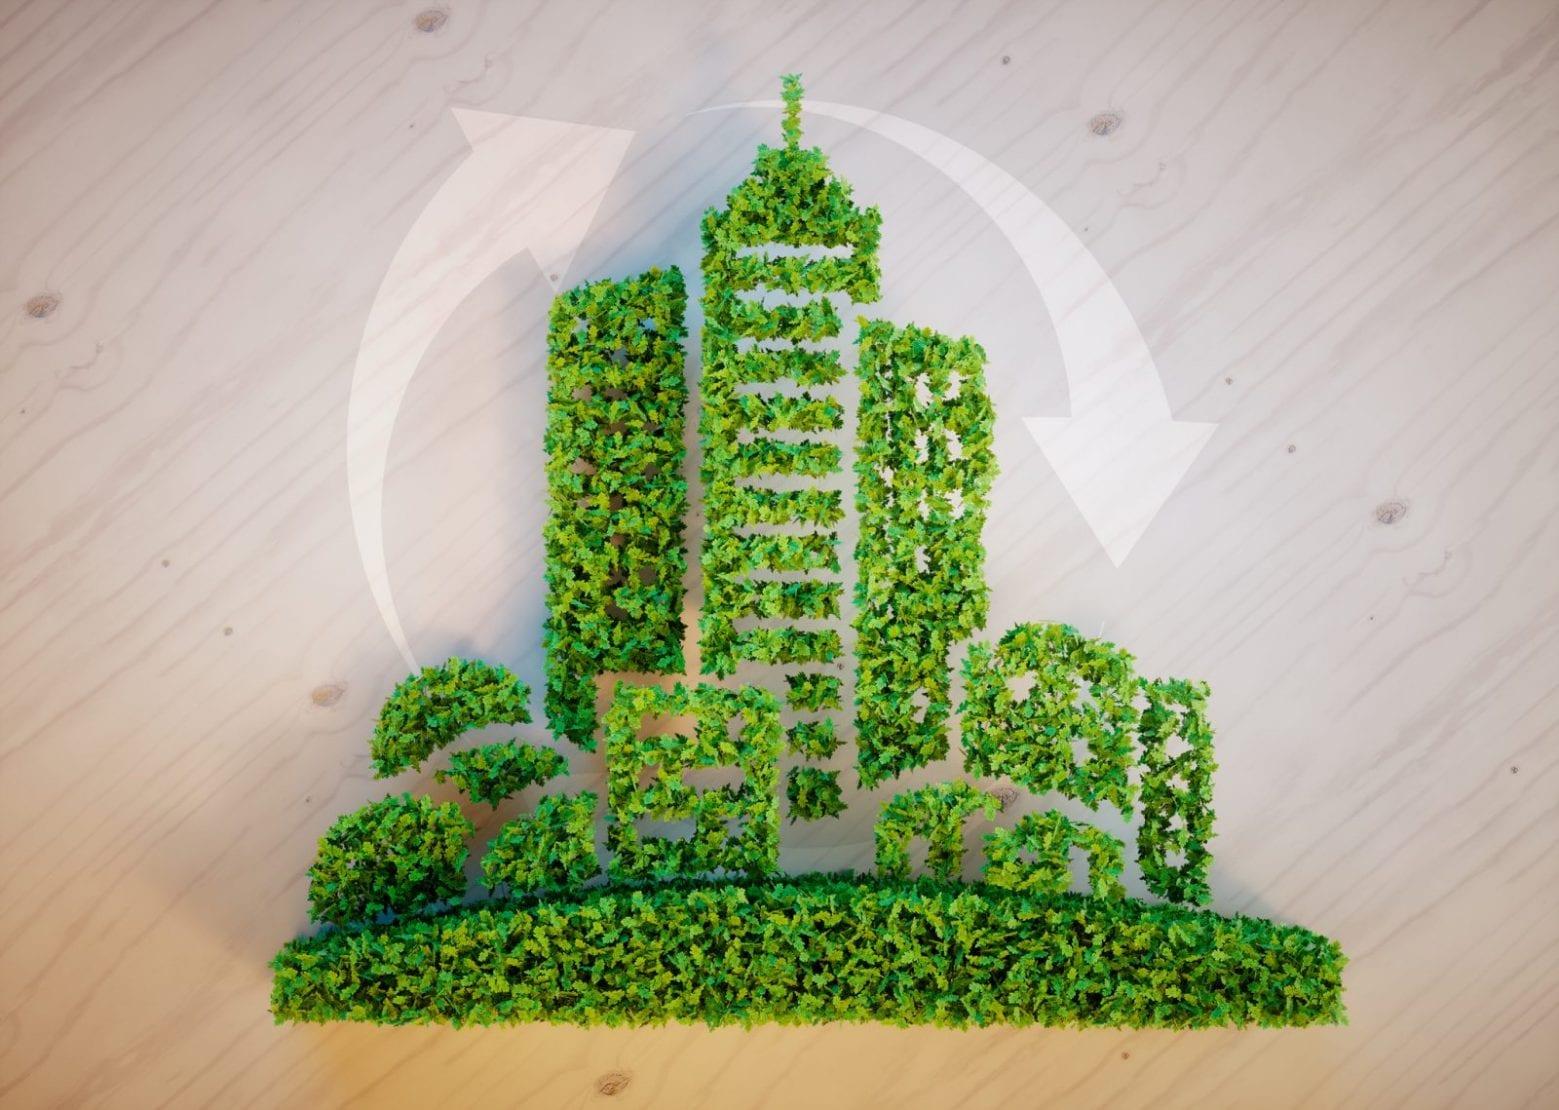 Schemmer_Sustainability In Engineering